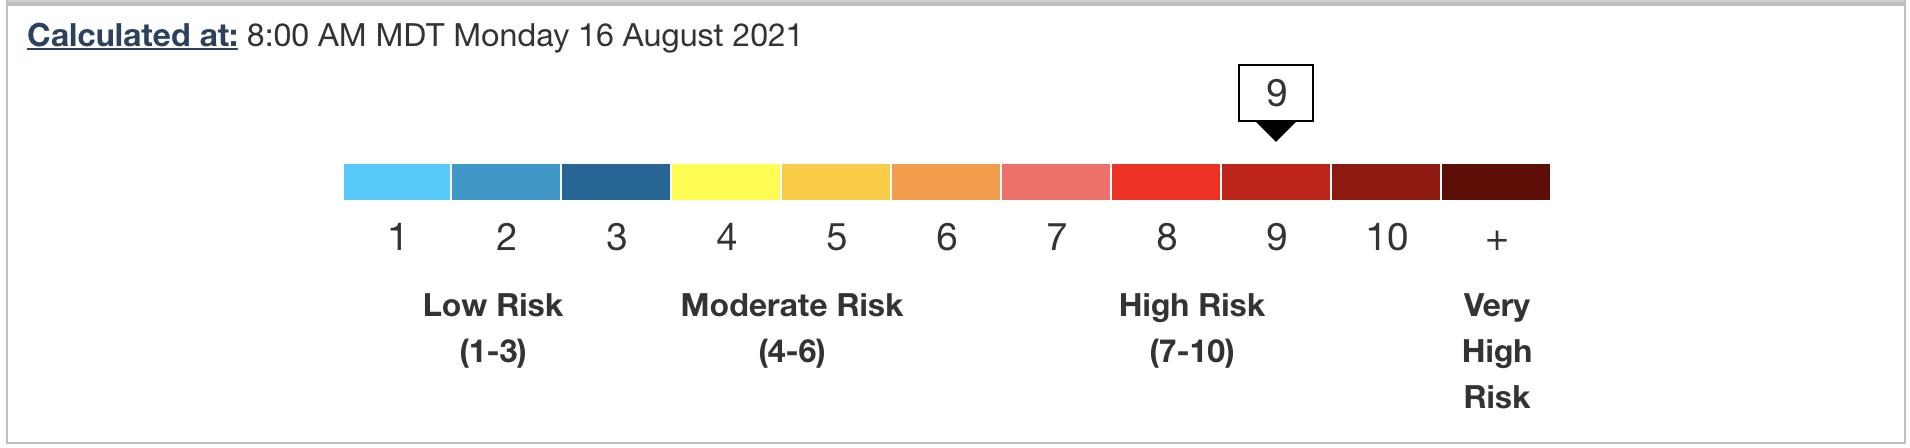 Calgary air quality